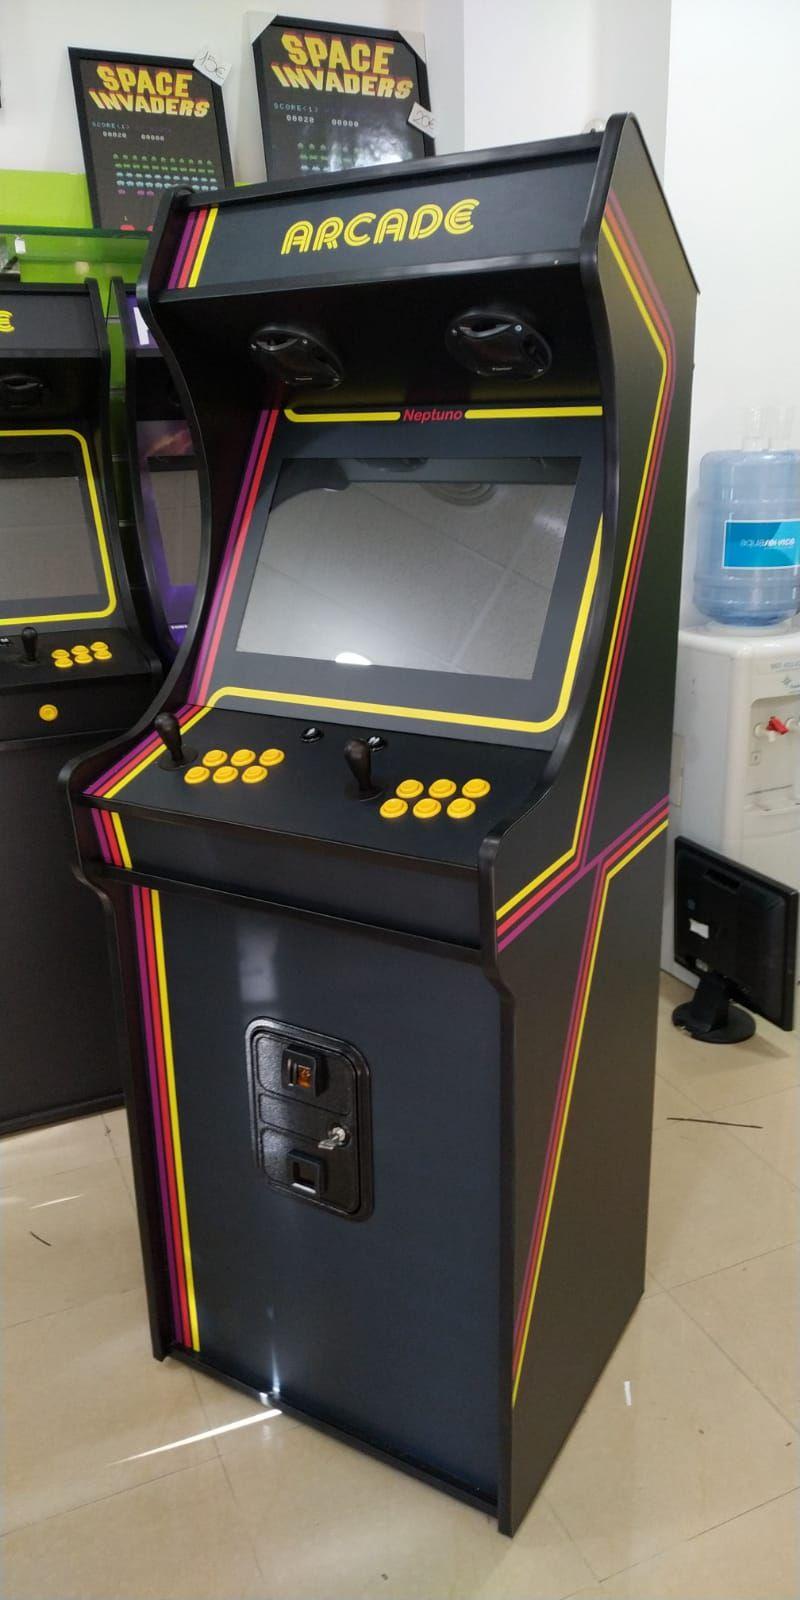 Foto 6 de Fabricación personalizada de máquinas Arcade en Sevilla | Mundo Arcade Sevilla